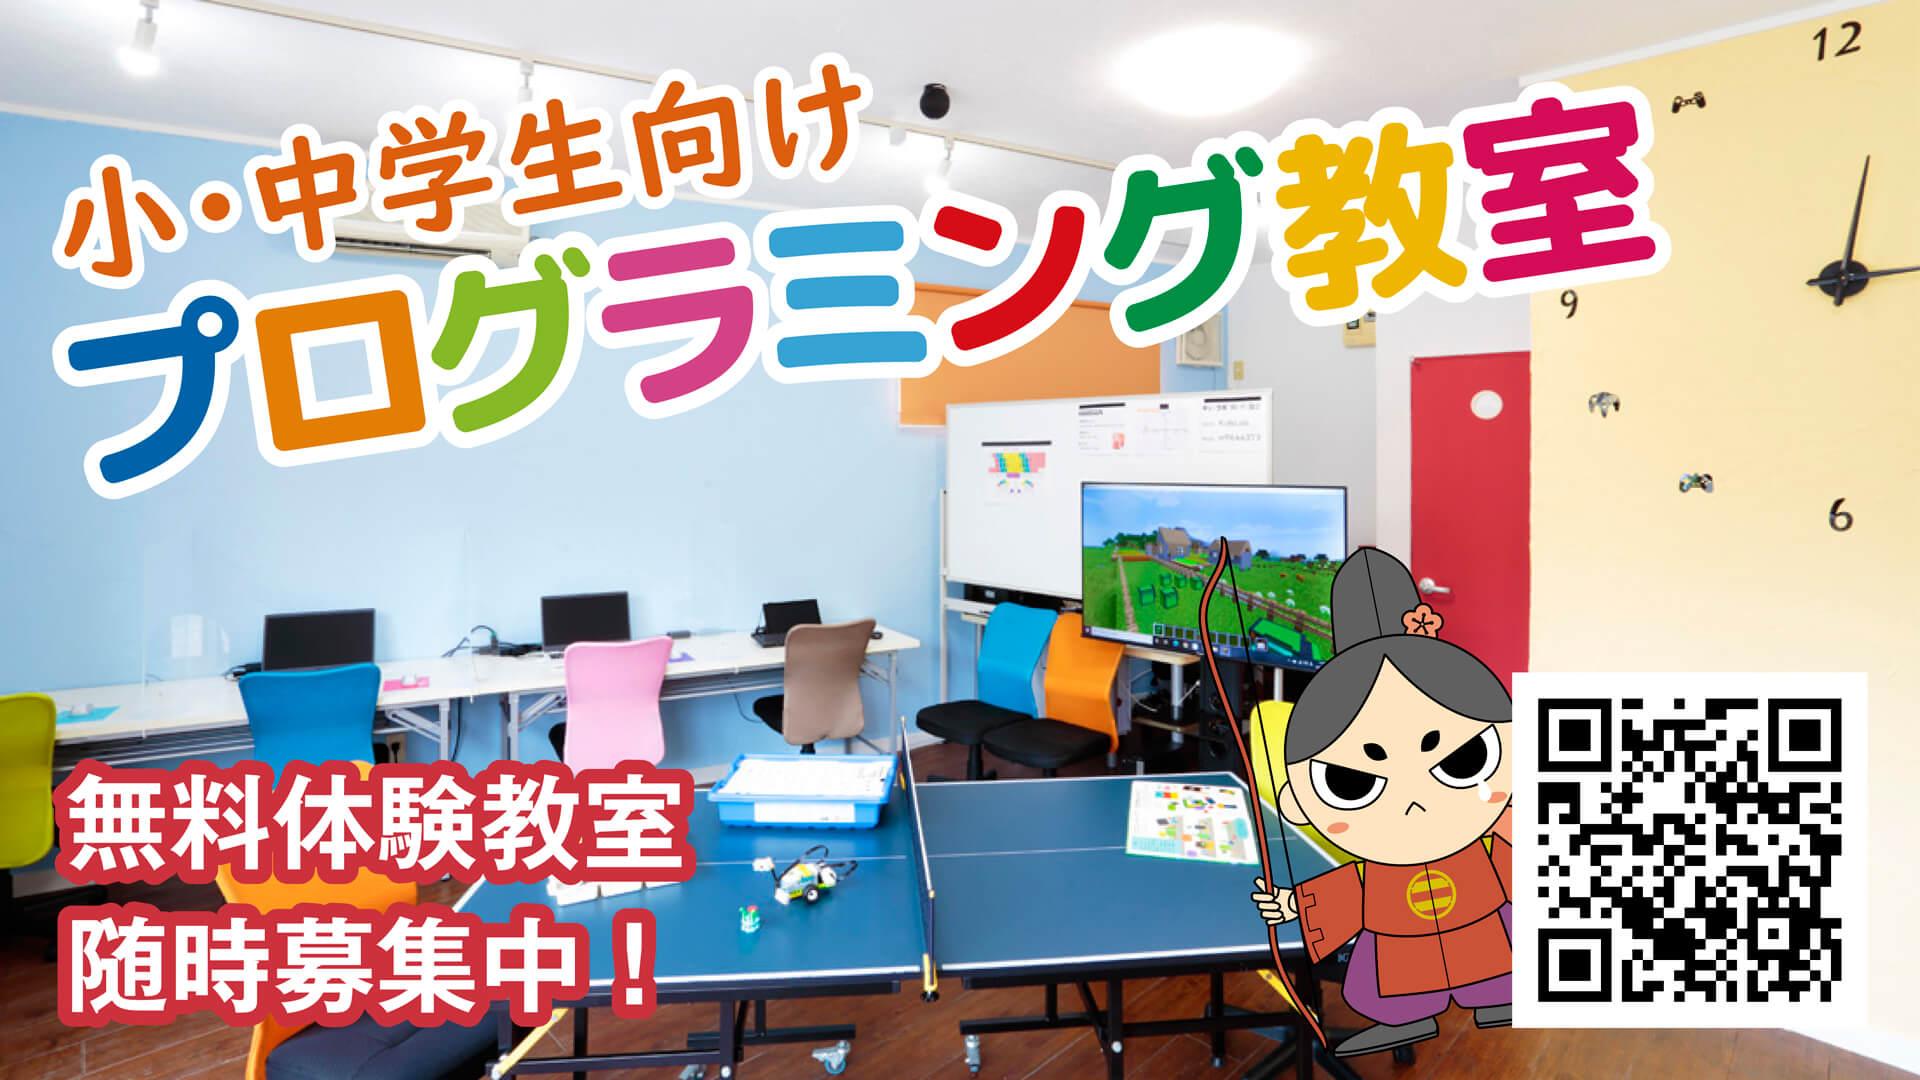 静岡市駿河区にプログラミング教室がオープン